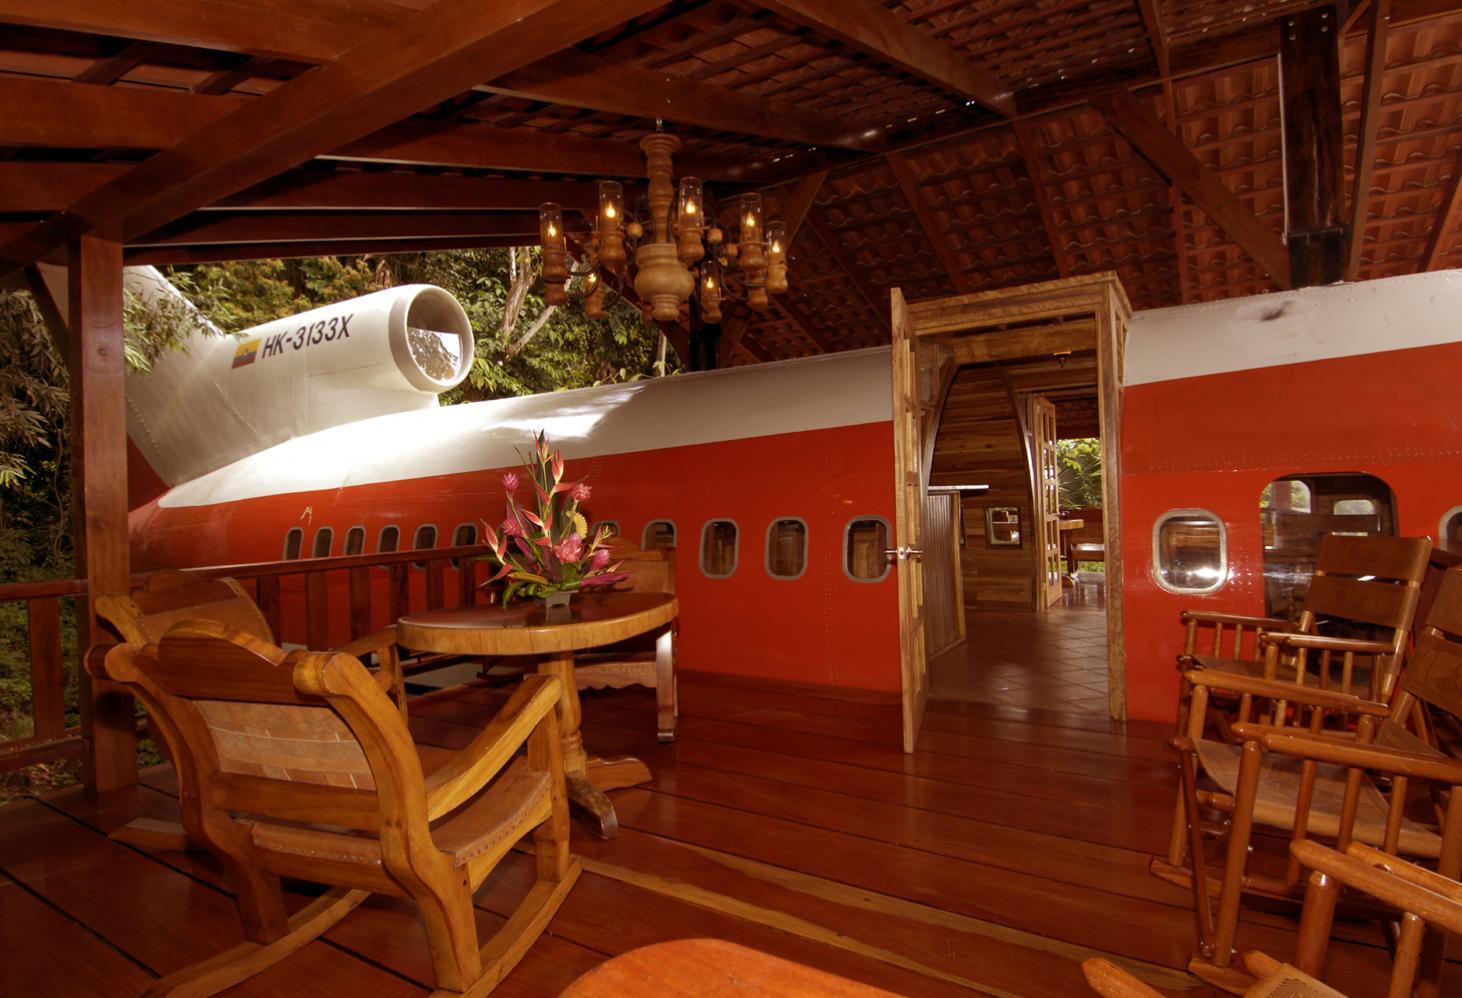 Отель Costa Verde в Боинге 727. Коста-Рика